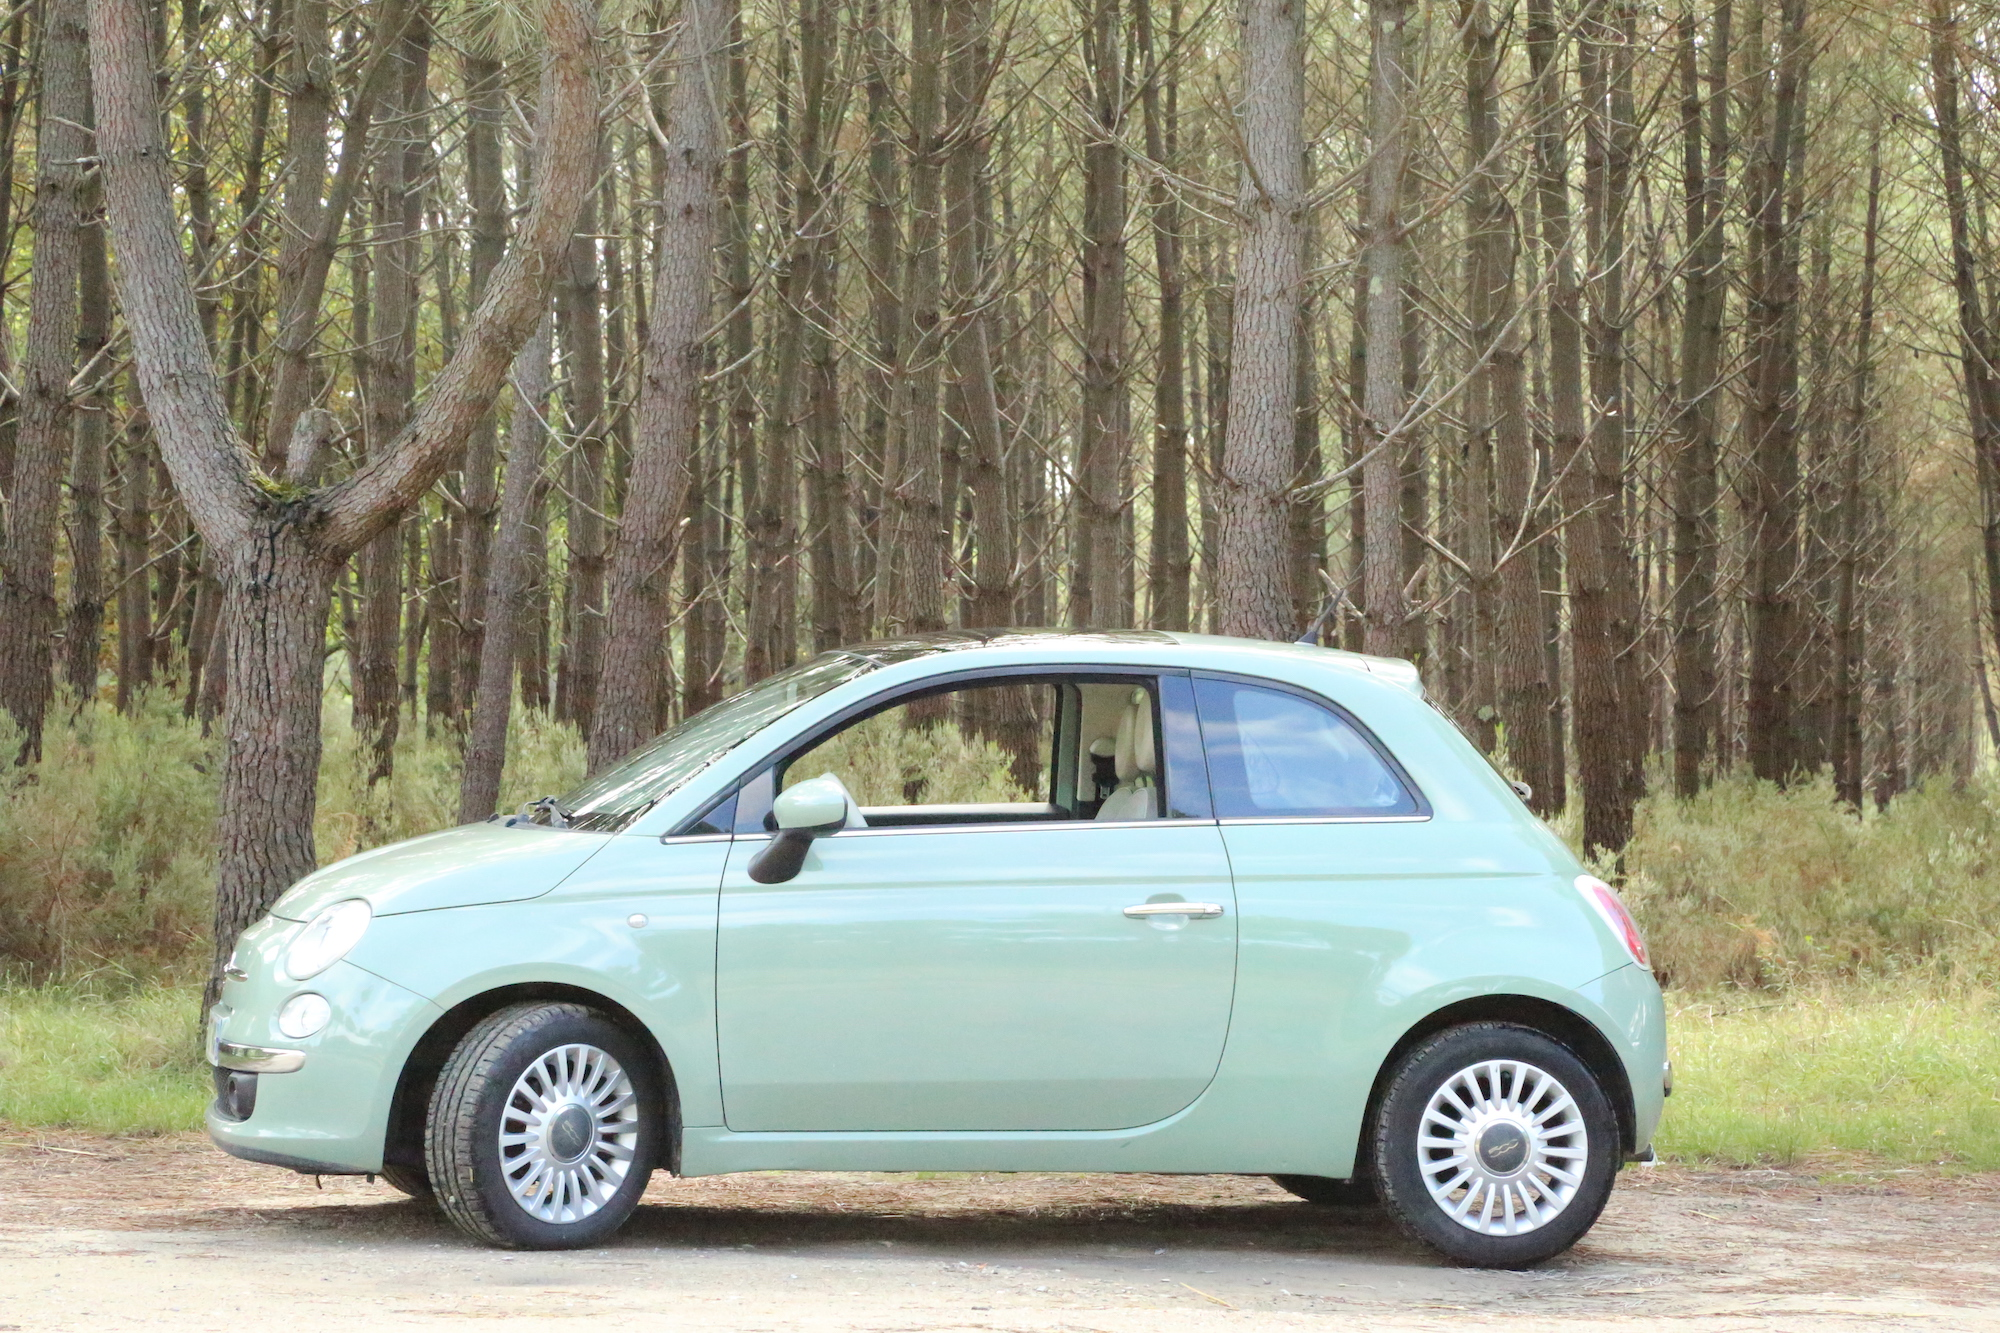 A vendre Fiat 500 verte